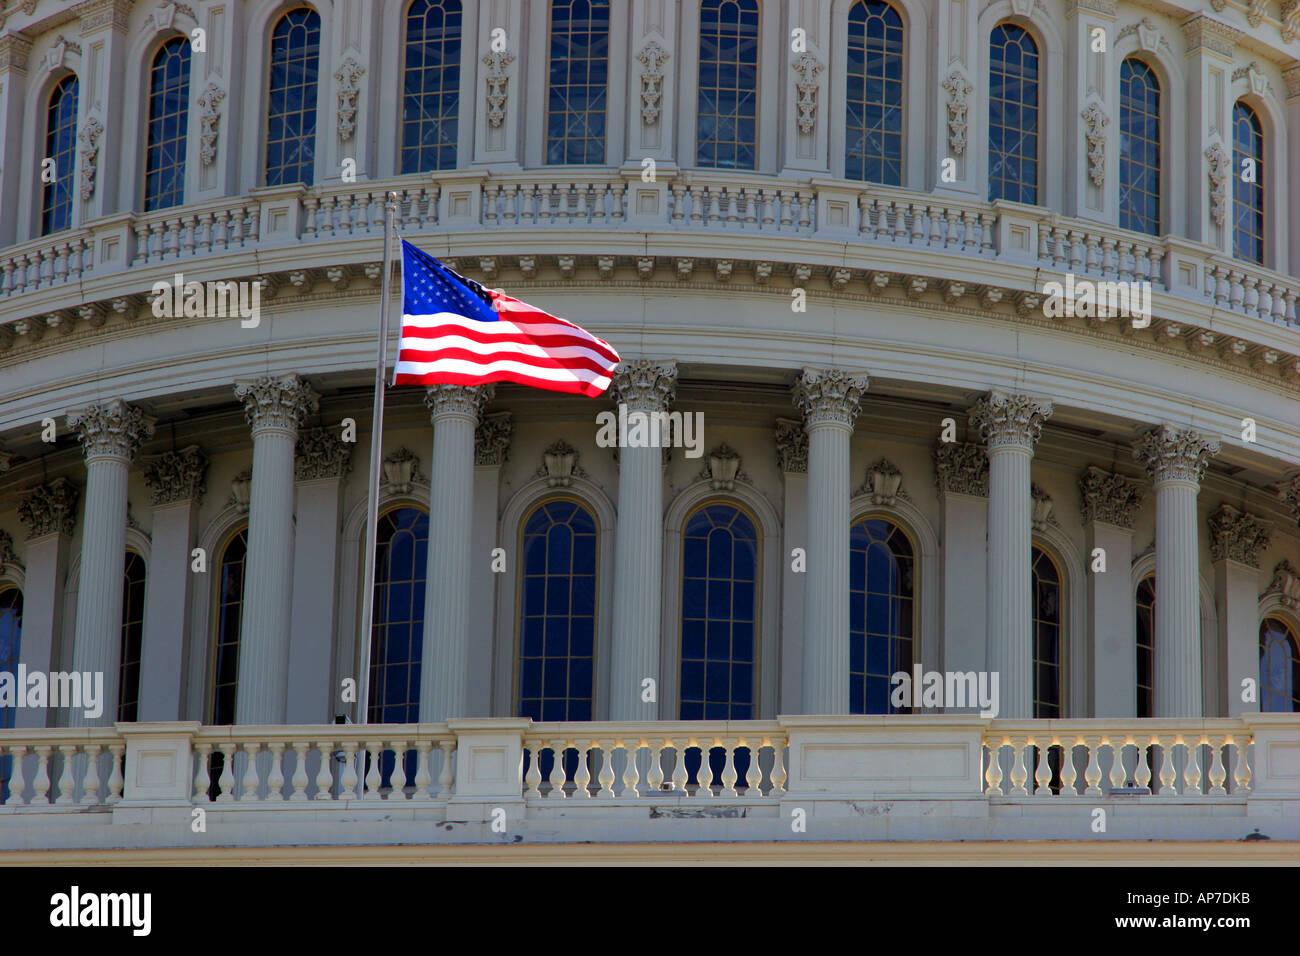 Us flag, capital building, washington dc Banque D'Images